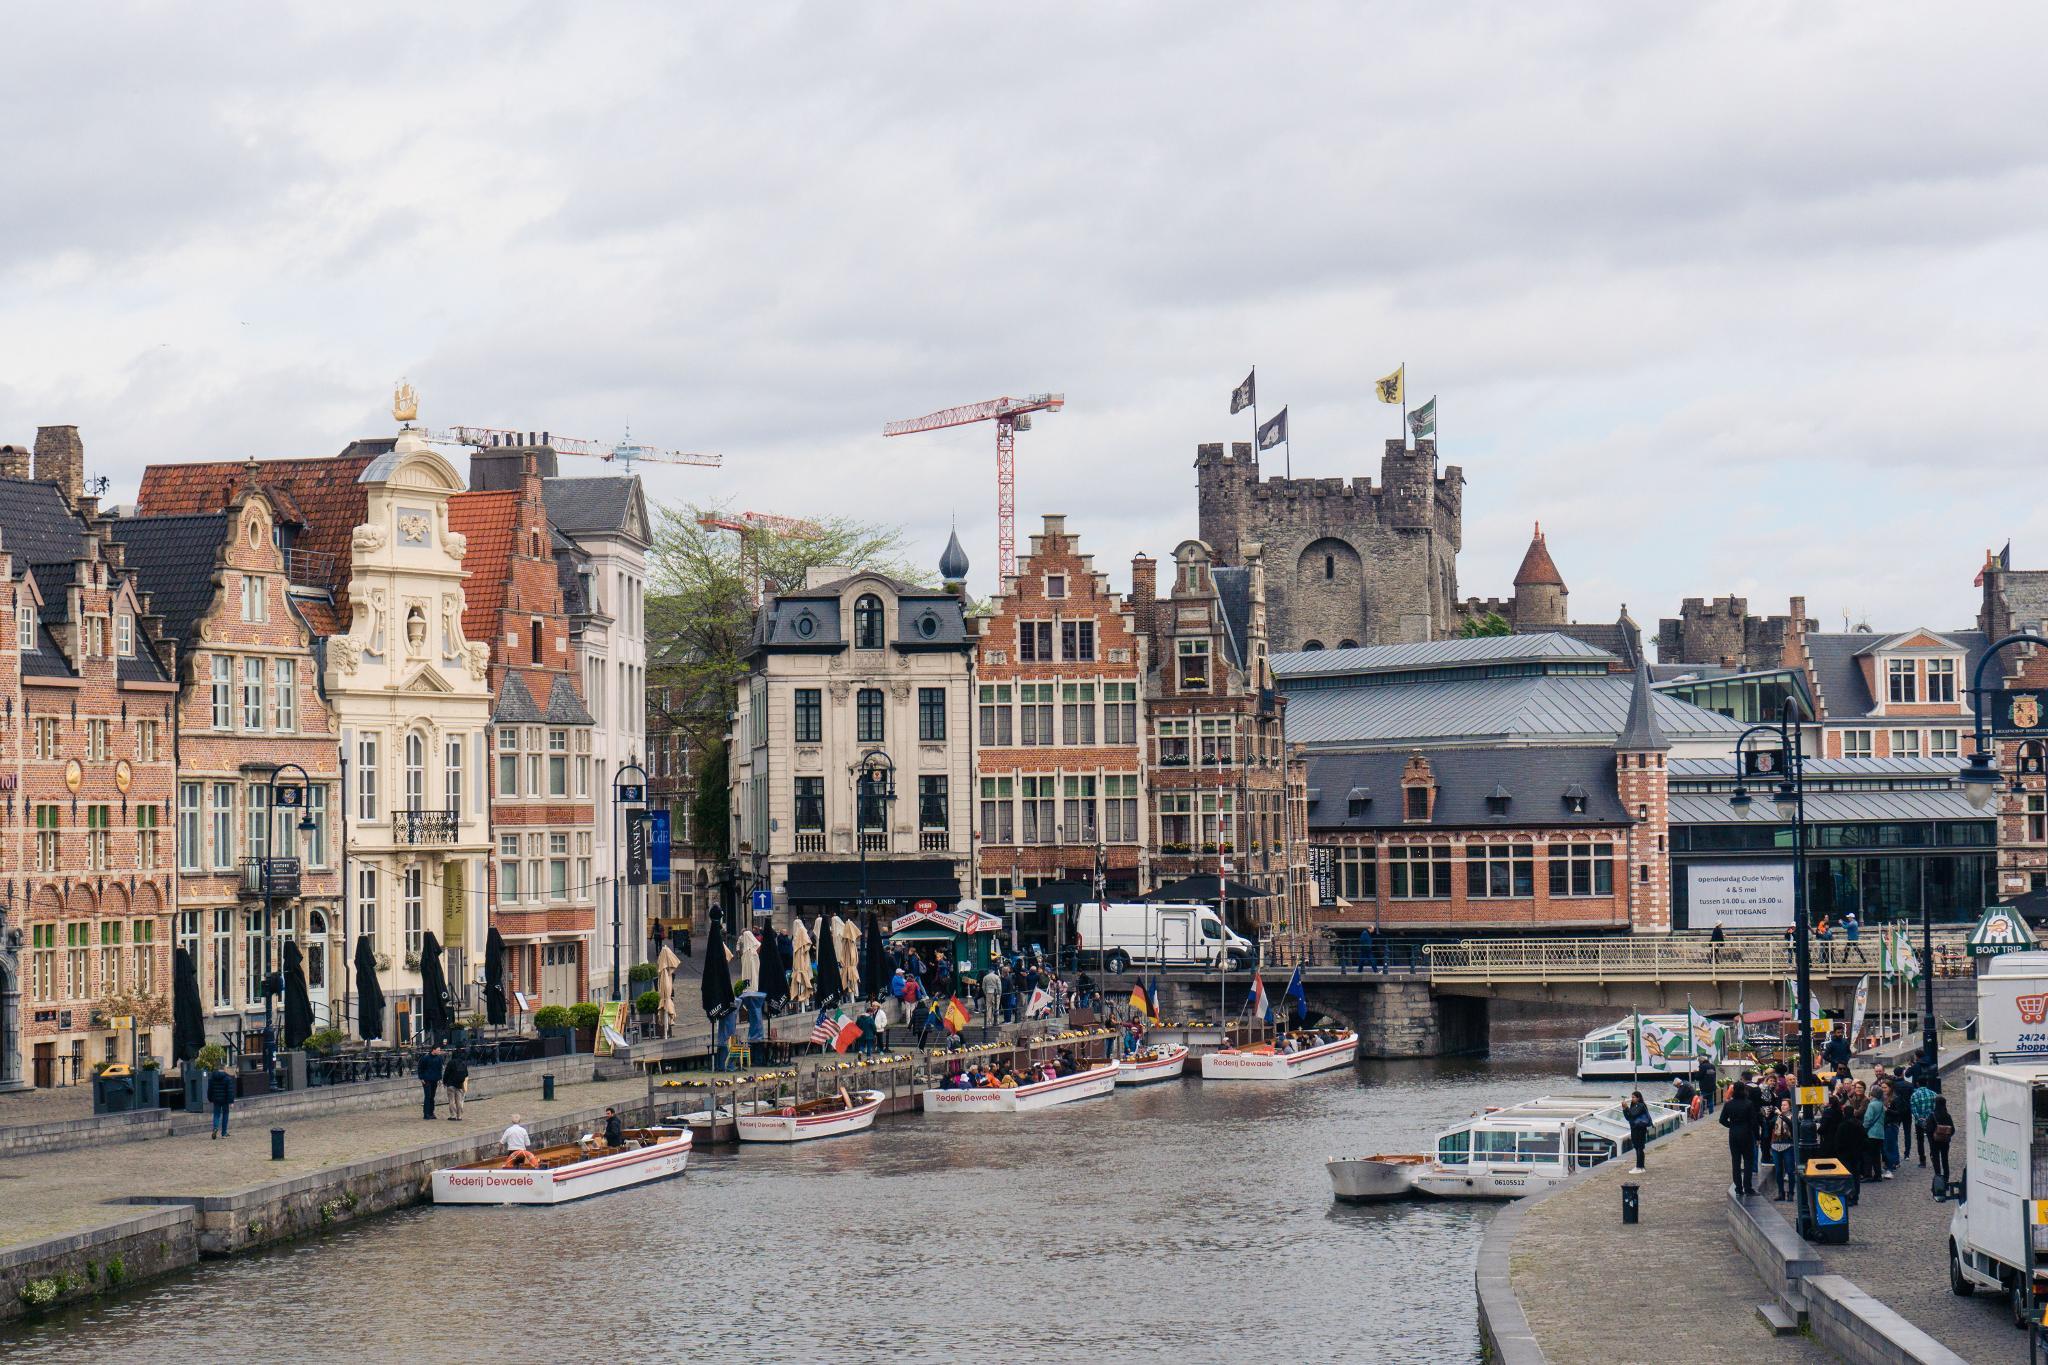 【比利時】穿梭中世紀的大城小事 — 比利時根特 (Ghent) 散步景點總整理 94